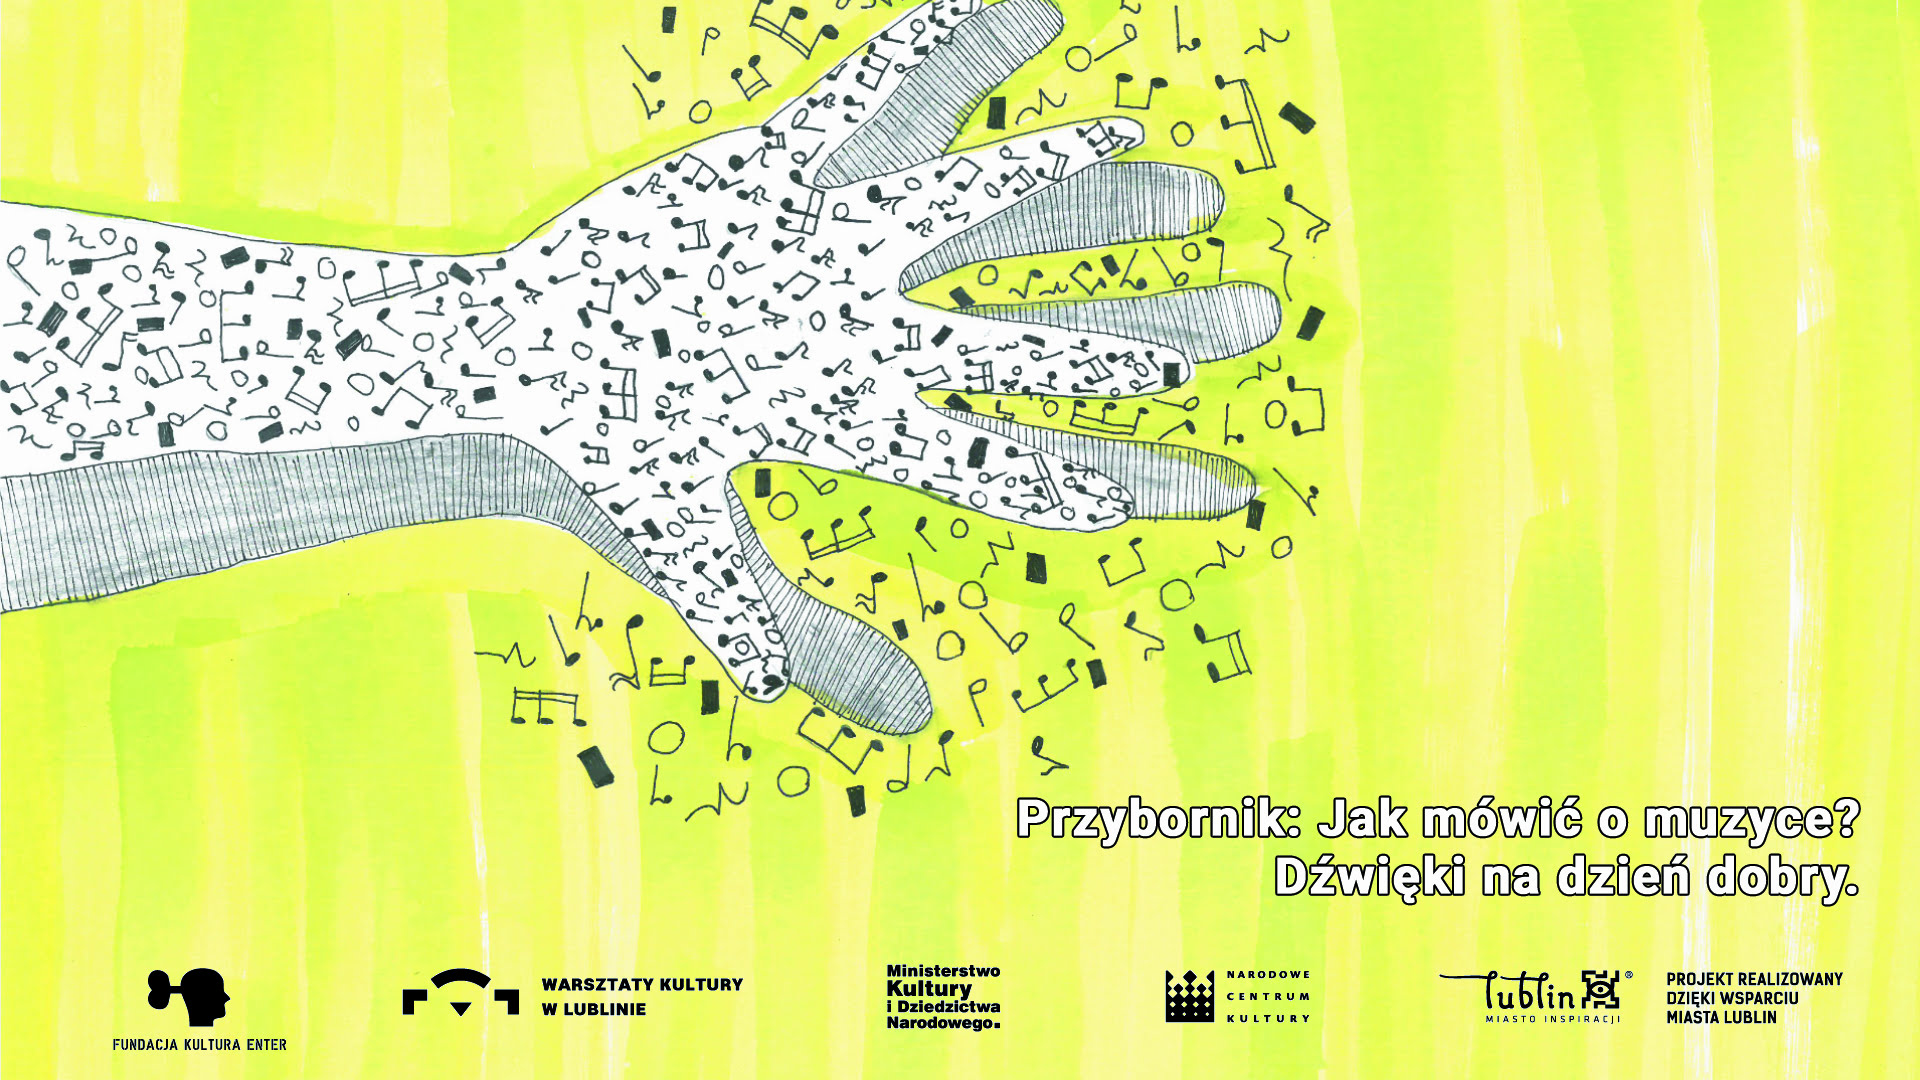 ilustracja przedstawia dłoń pokrytą nutami, wszystko na żółtym tle, poniżej tytuł wydarzenia a na samym dole logotypy organizatorów i współorganizatorów. Autorką ilustracji jest Nina Starzyńska